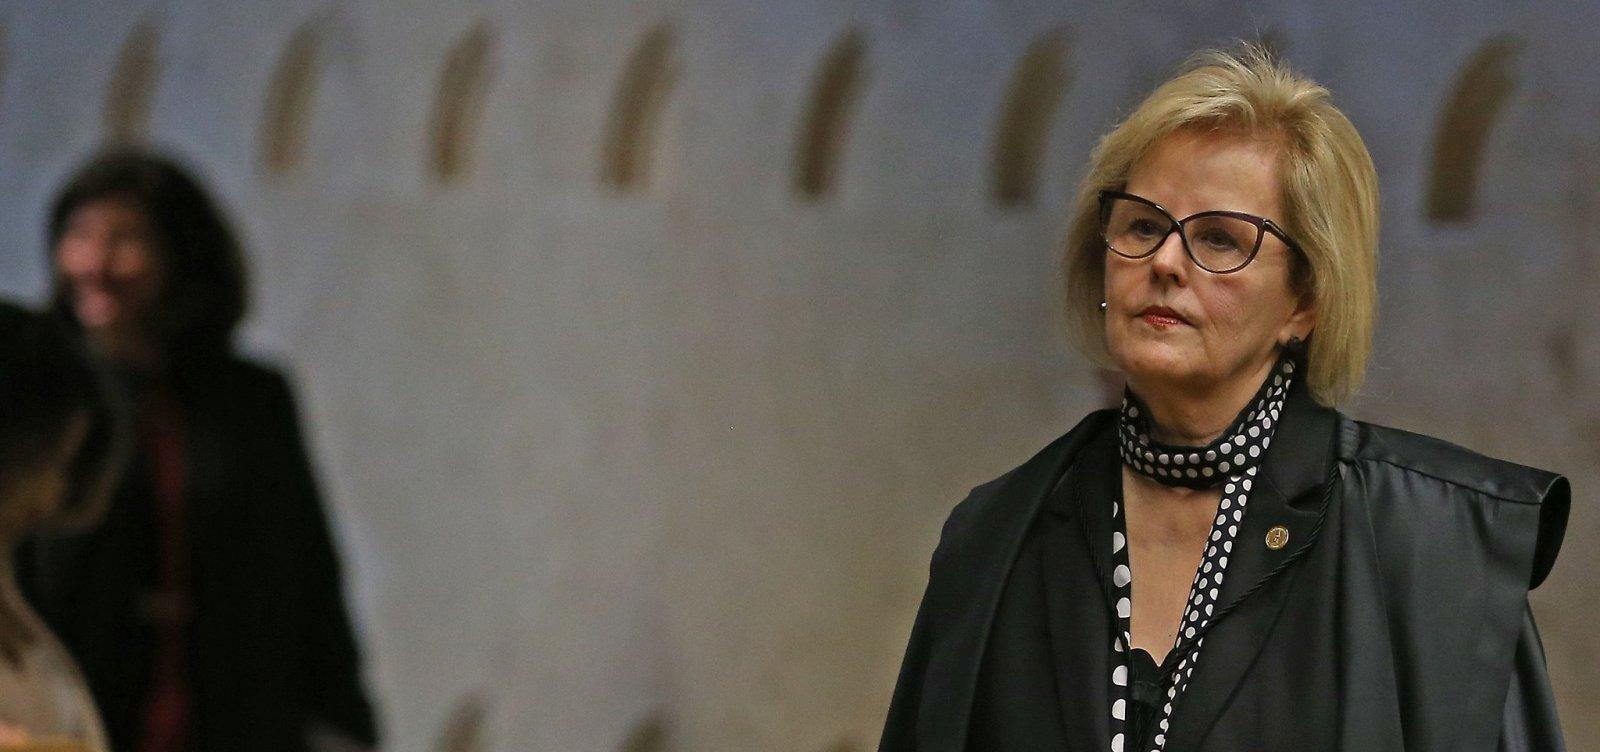 Rosa Weber defende urnas eletrônicas e volta a pedir 'tolerância' nas eleições